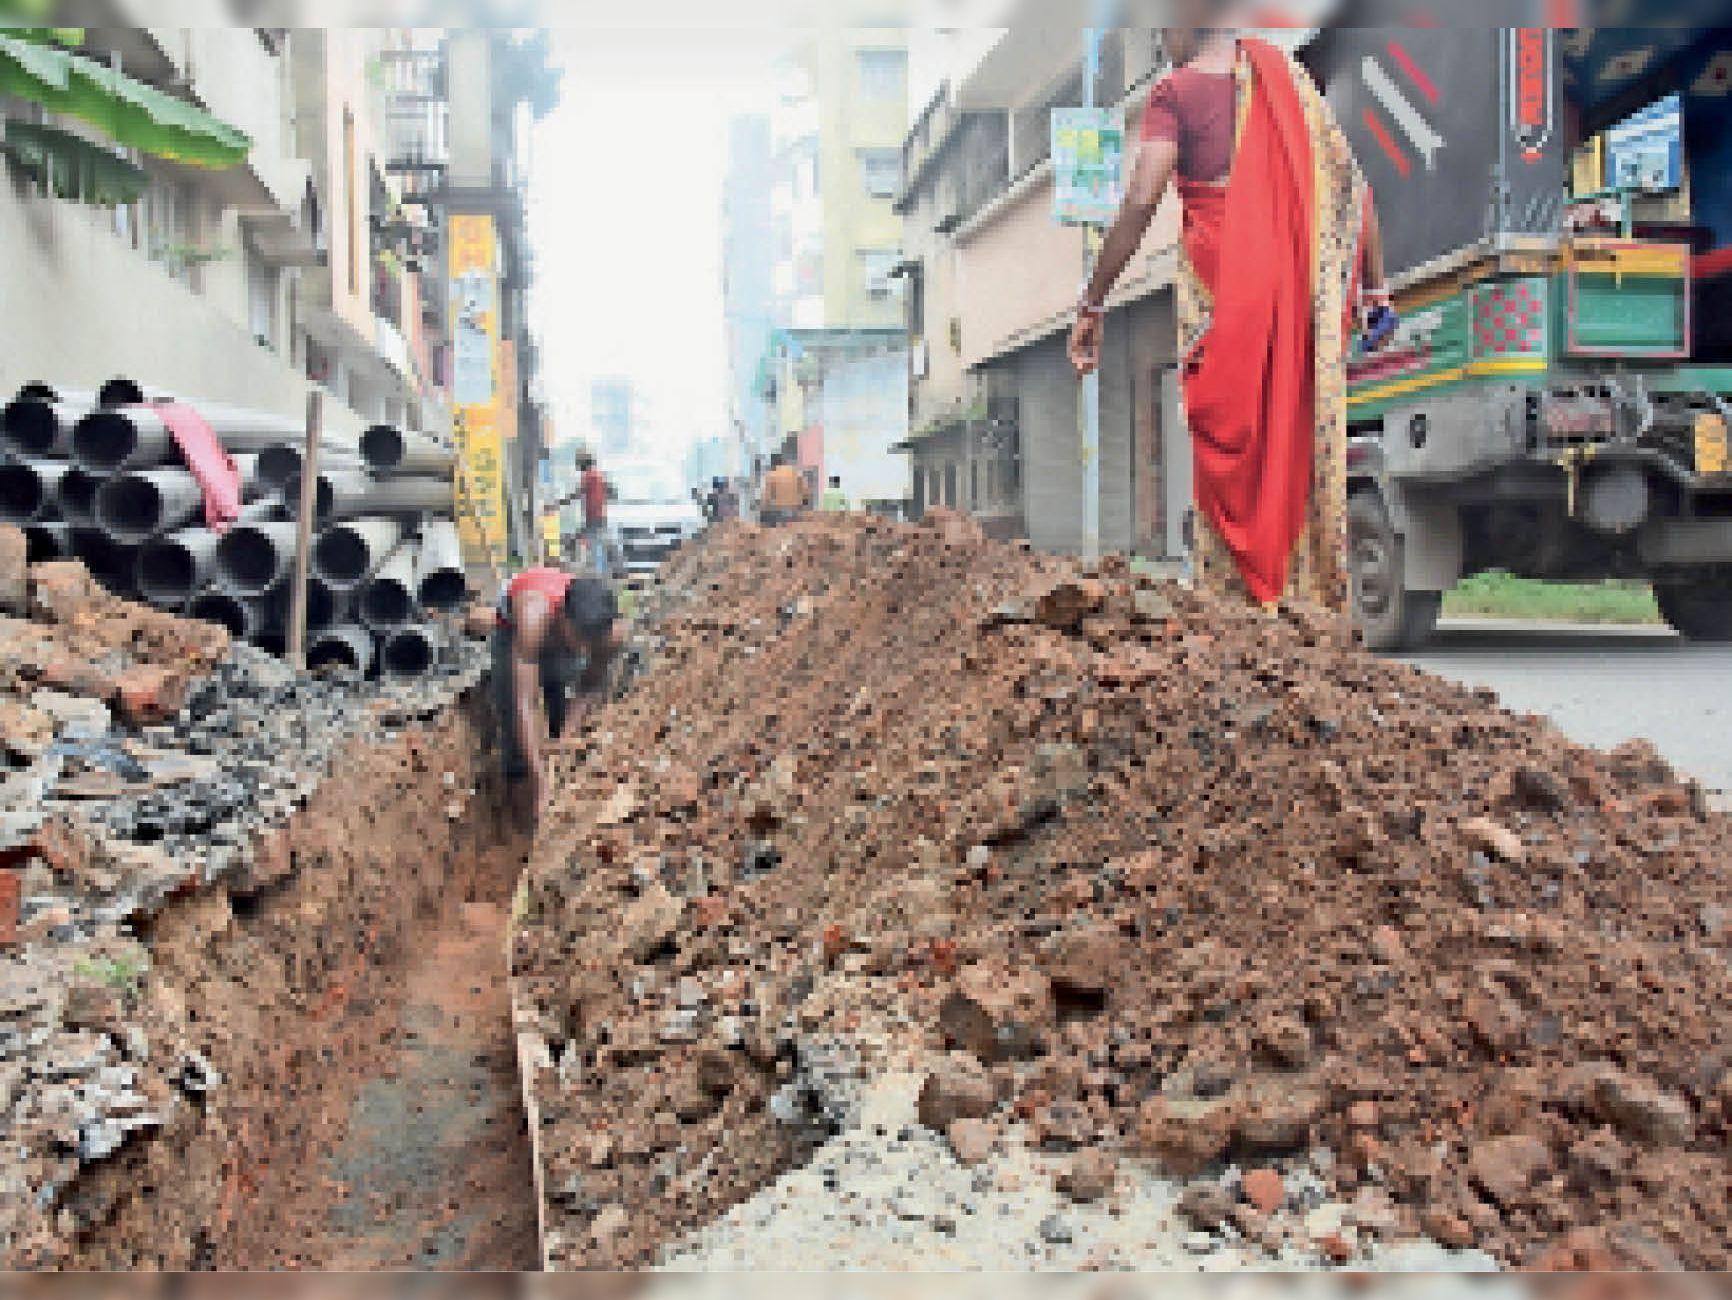 हीरापुर के हरि मंदिर रोड में बिजली के केबल बिछाने के लिए पेवर ब्लॉक हटाकर वहां गड्ढा कर यूं ही छोड़ दिया गया। - Dainik Bhaskar